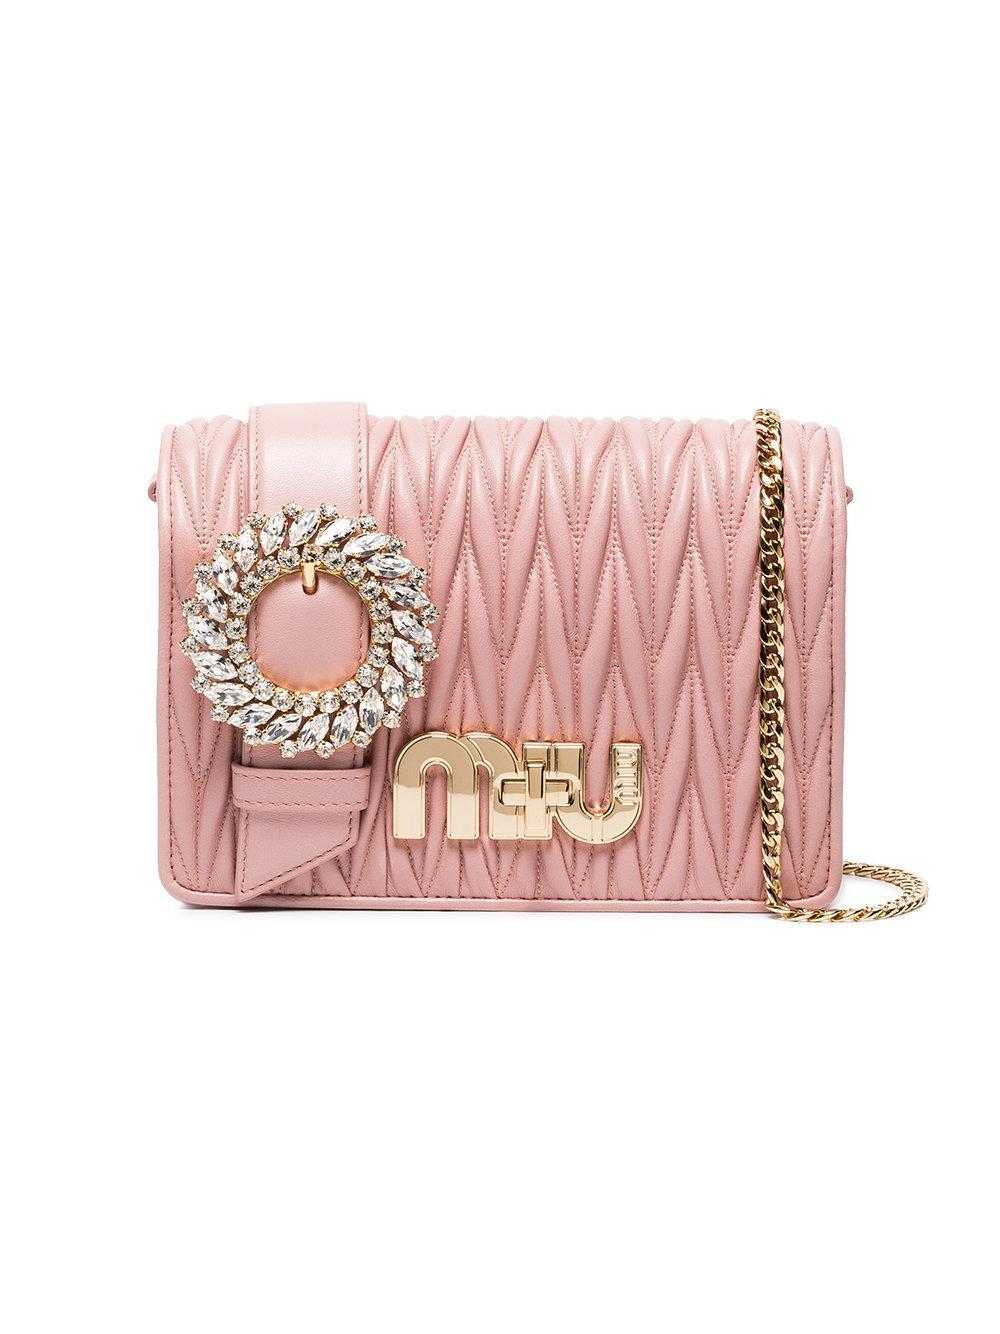 9fc6e8c024ec Miu Miu Pink Matelassé Leather Cross Body Bag